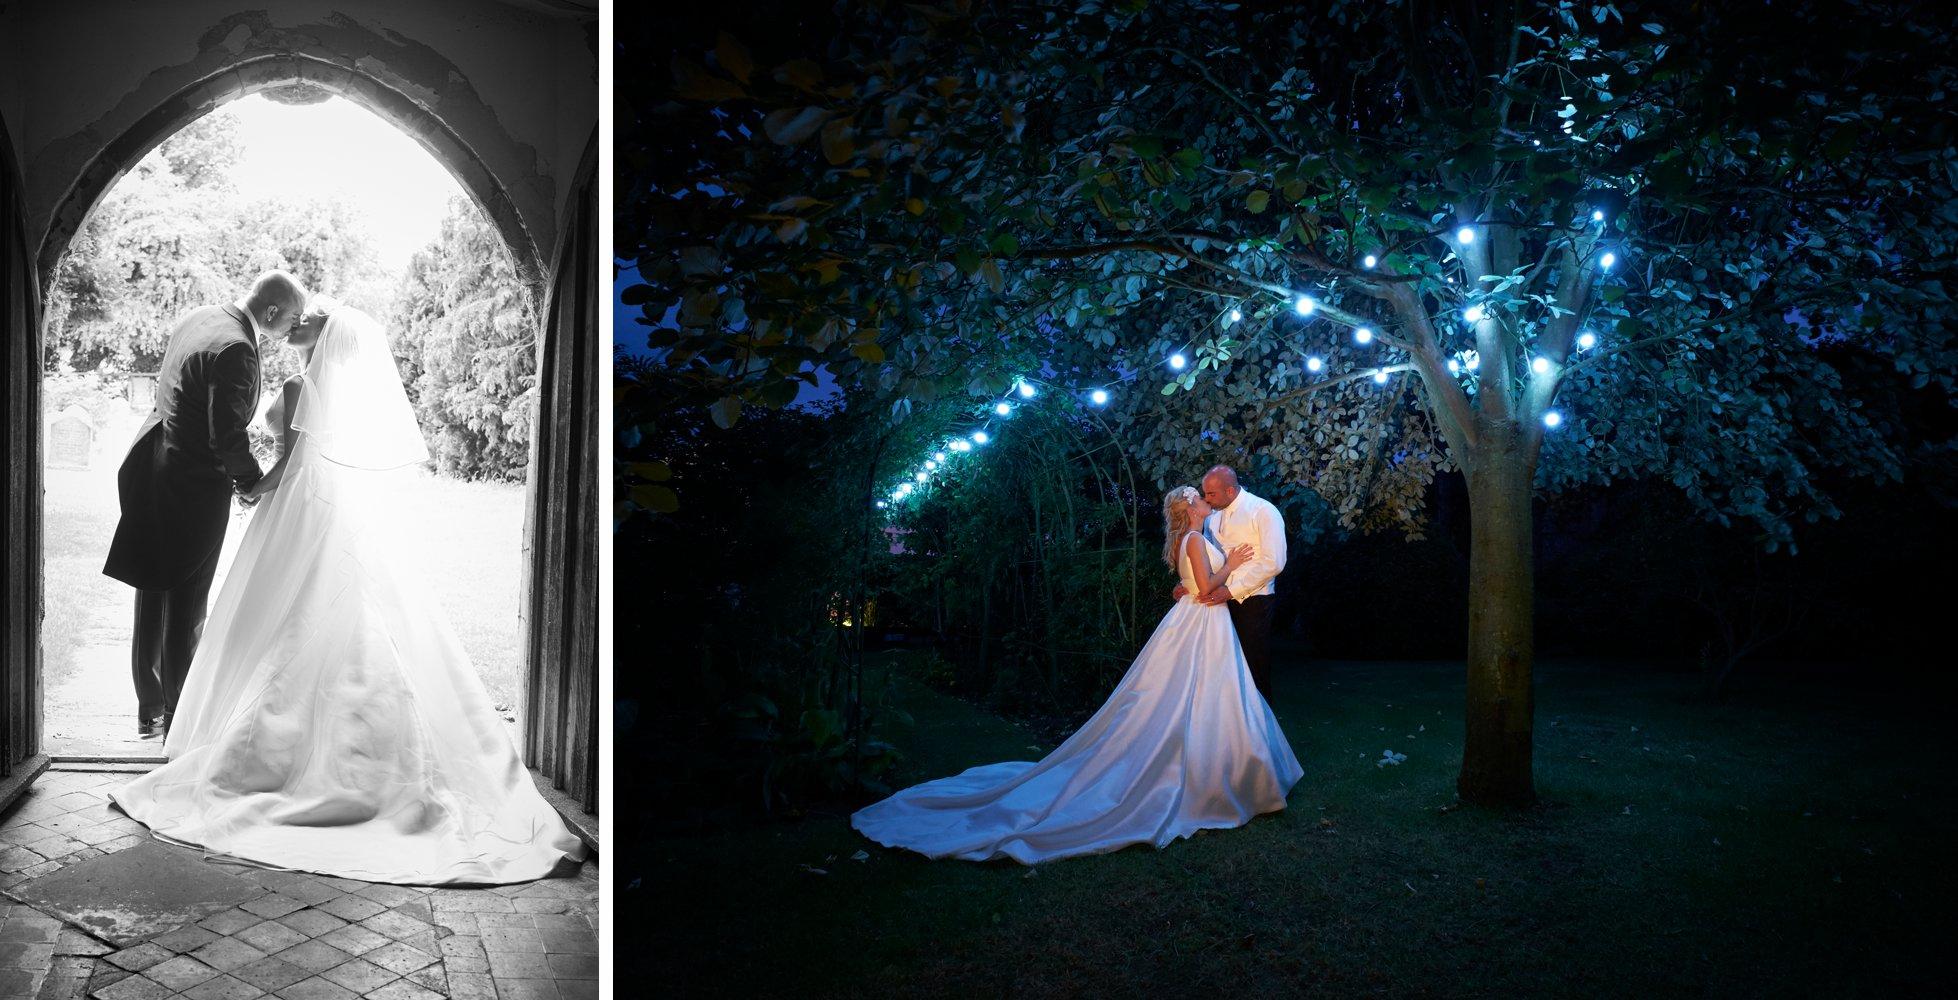 Wedding Photographer Essex & Suffolk Make Your Wedding Memories Special